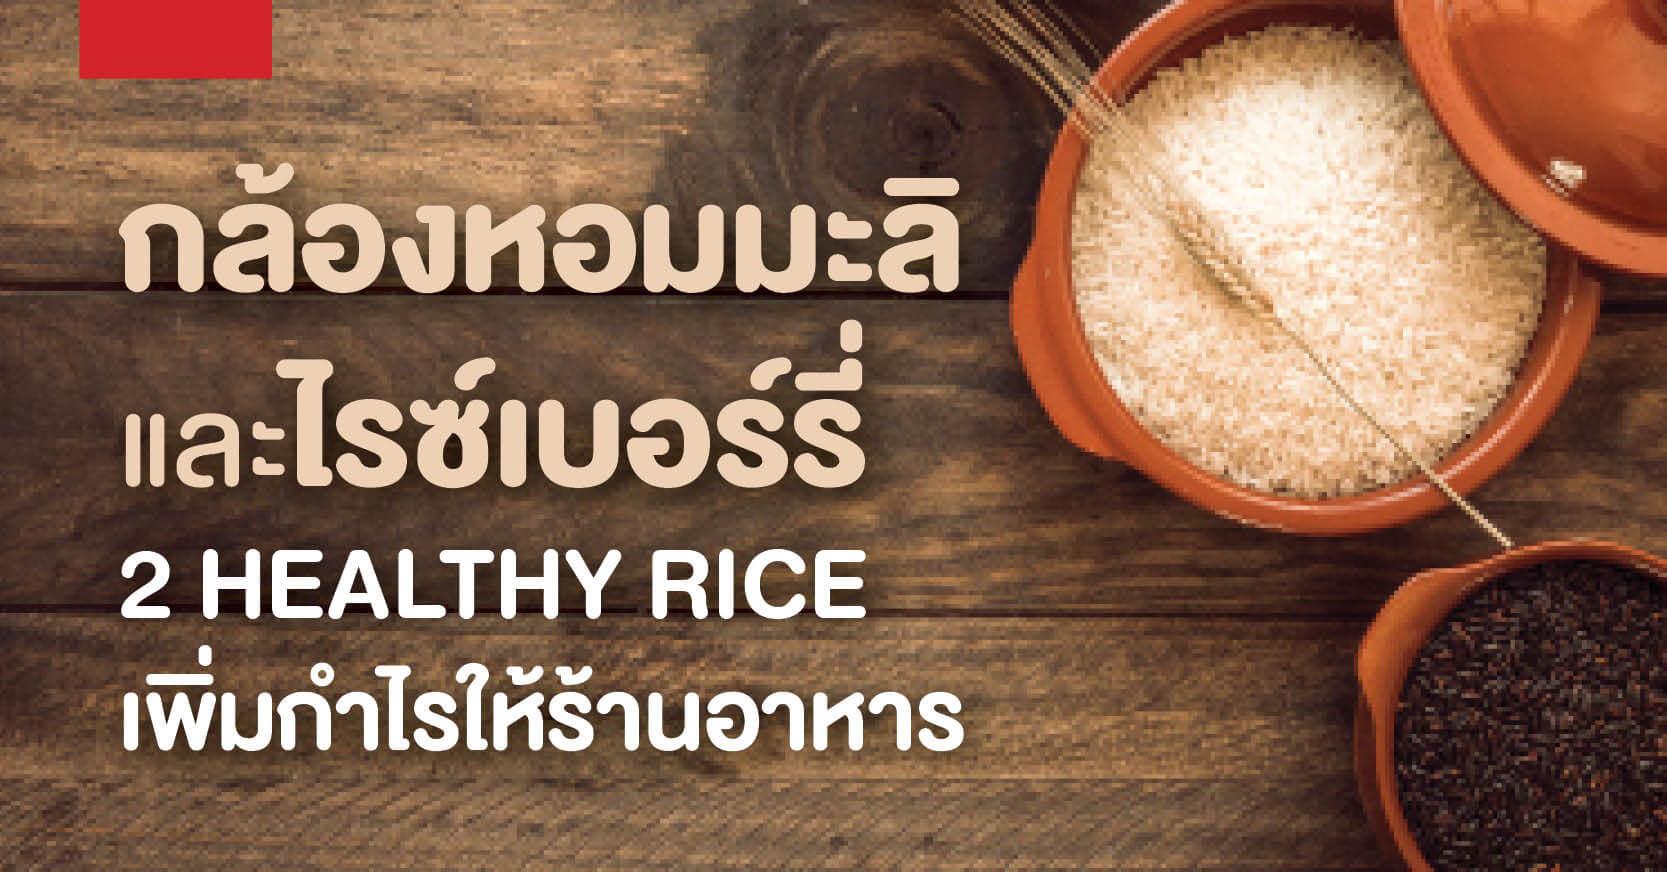 กล้องหอมมะลิ & ไรซ์เบอร์รี่ 2 Healthy Rice เพิ่มกำไรให้ร้านอาหาร